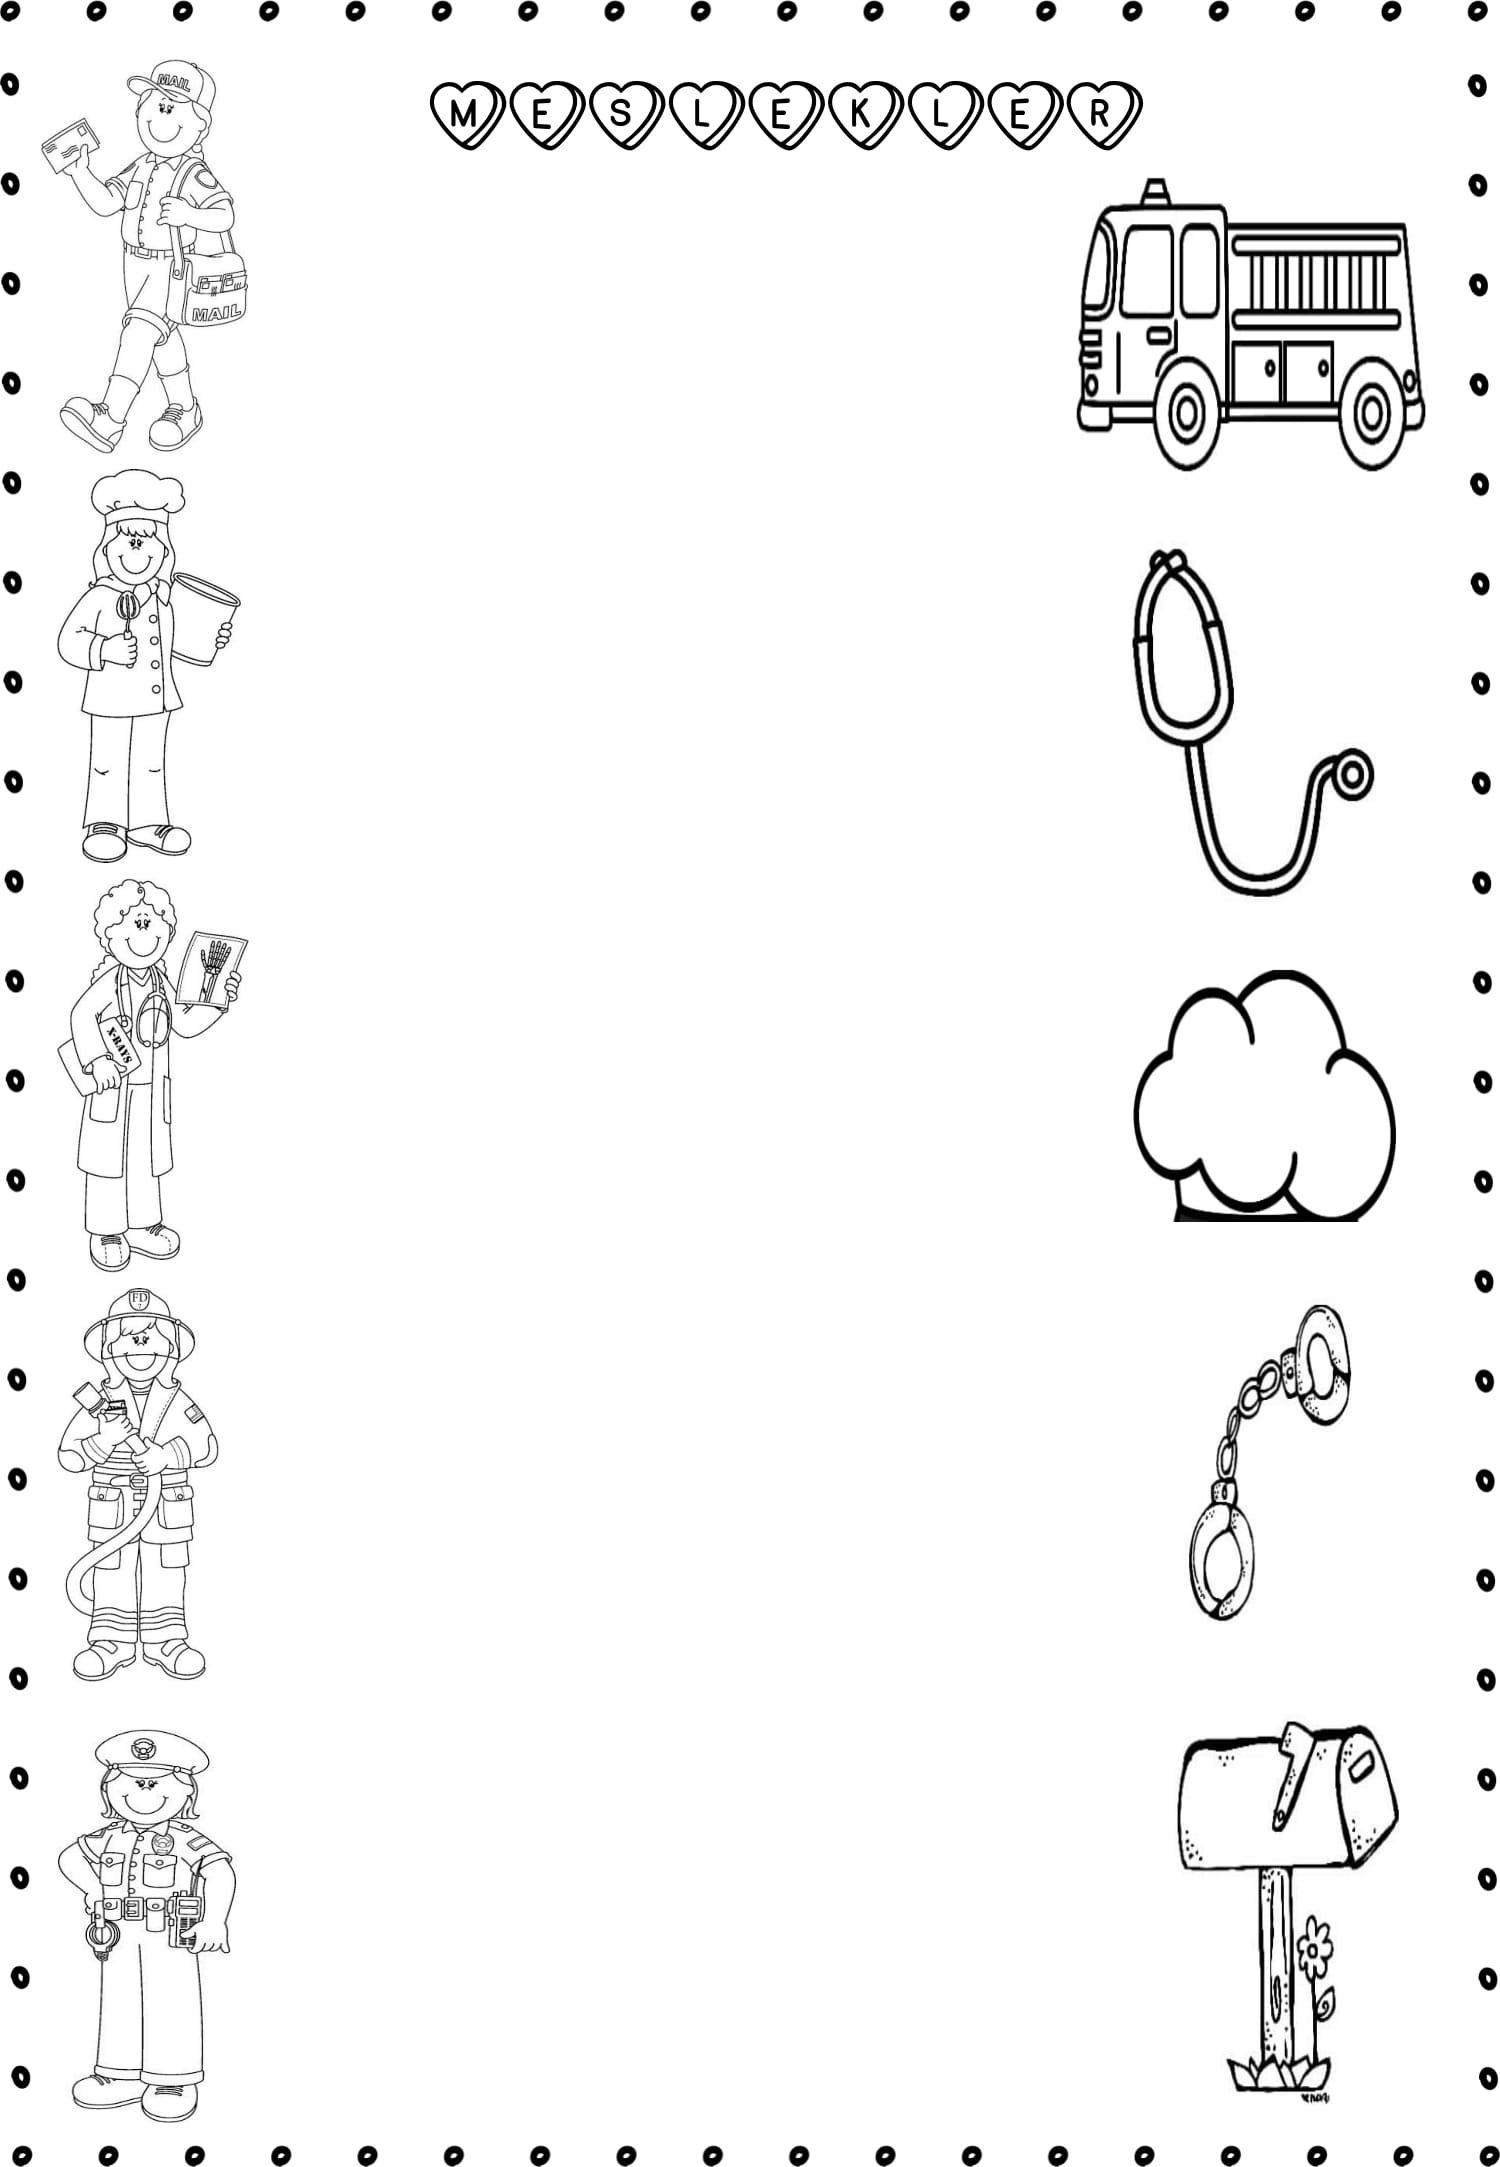 Etkinlikasigi Adl Kullan C N N Etkinlikasigi Working Pages Panosundaki Pin